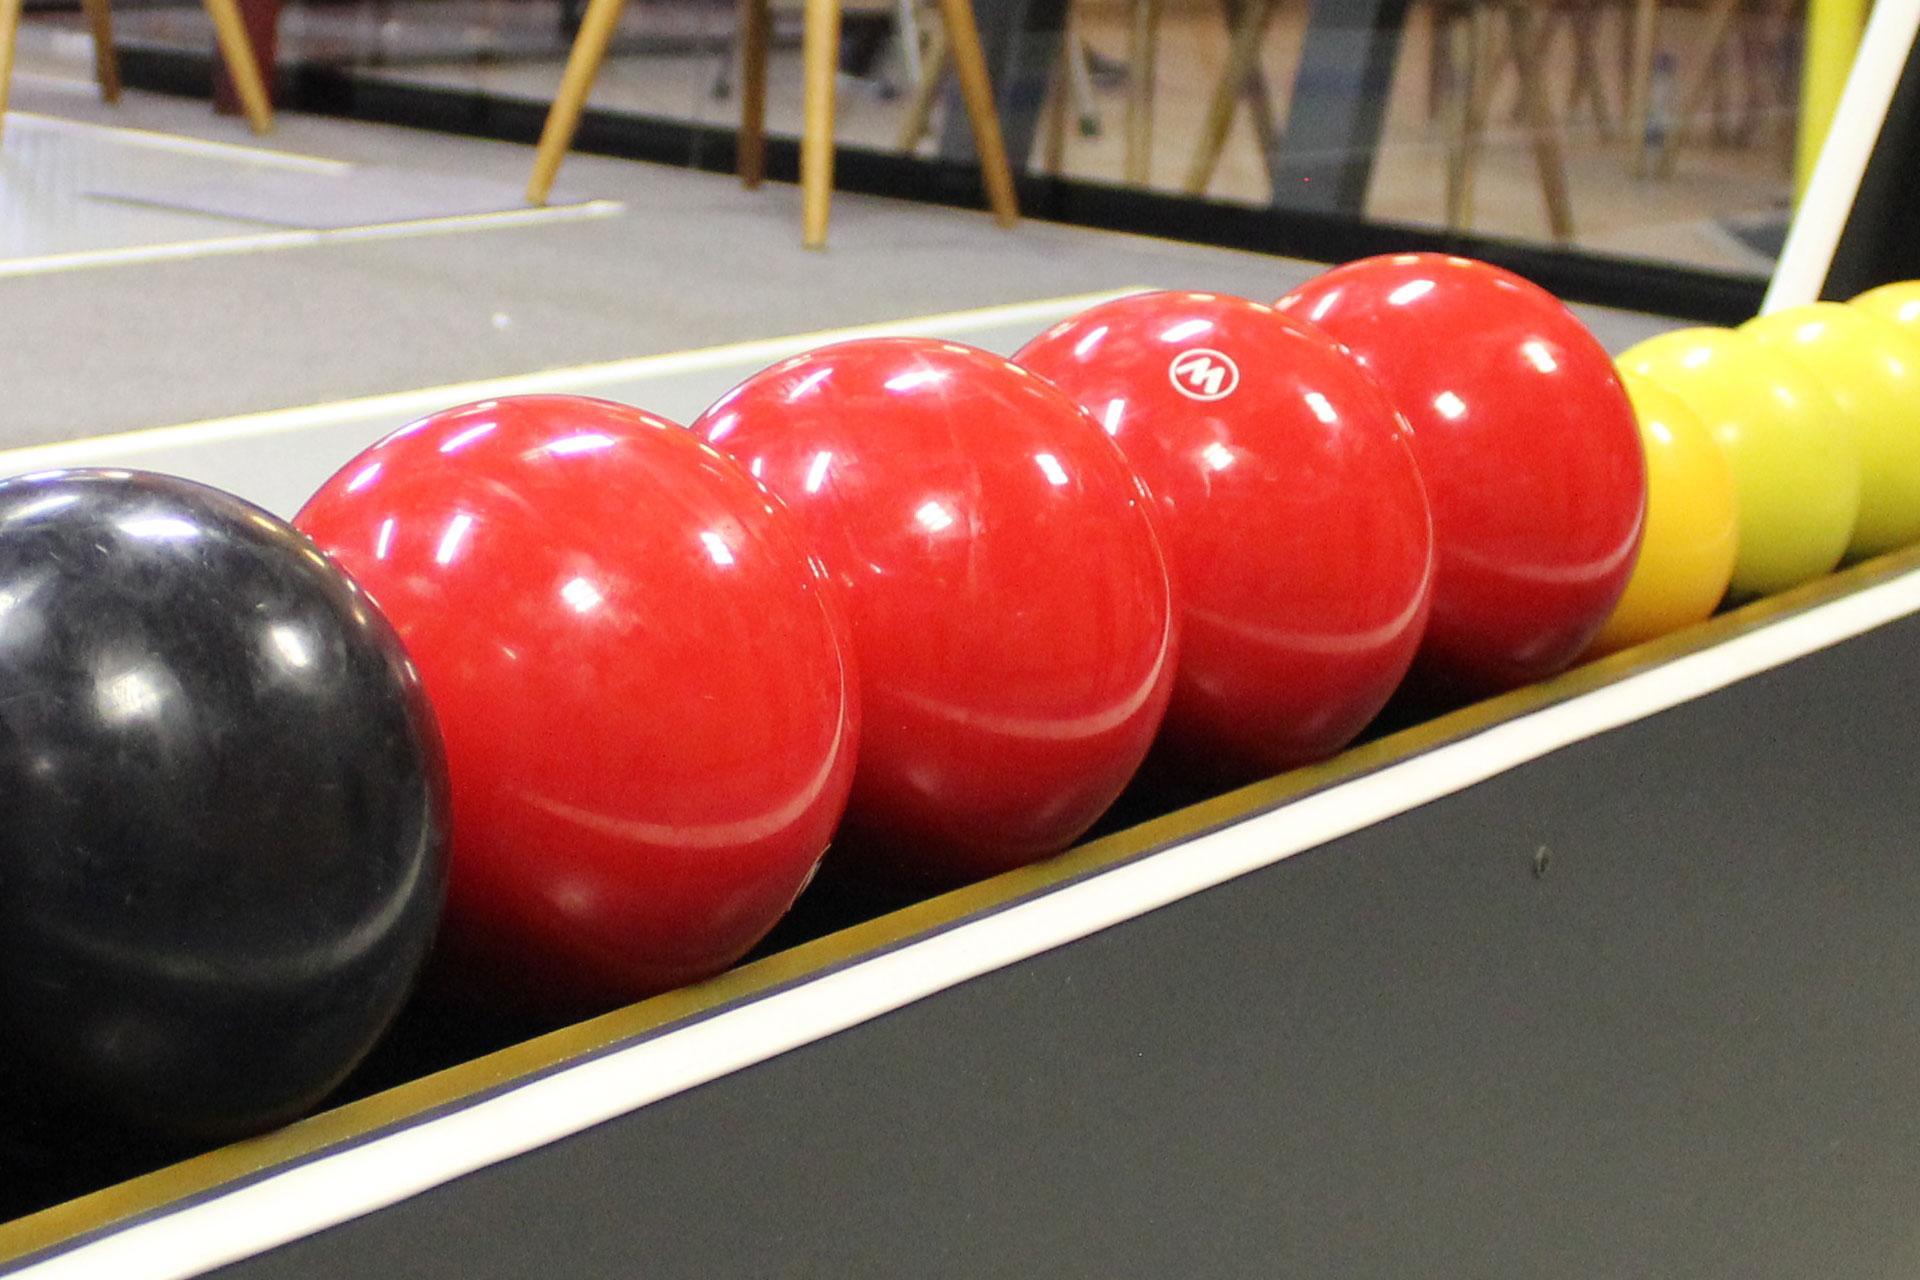 Kegelkugeln gibt es als Vollkugeln und Lochkugeln.